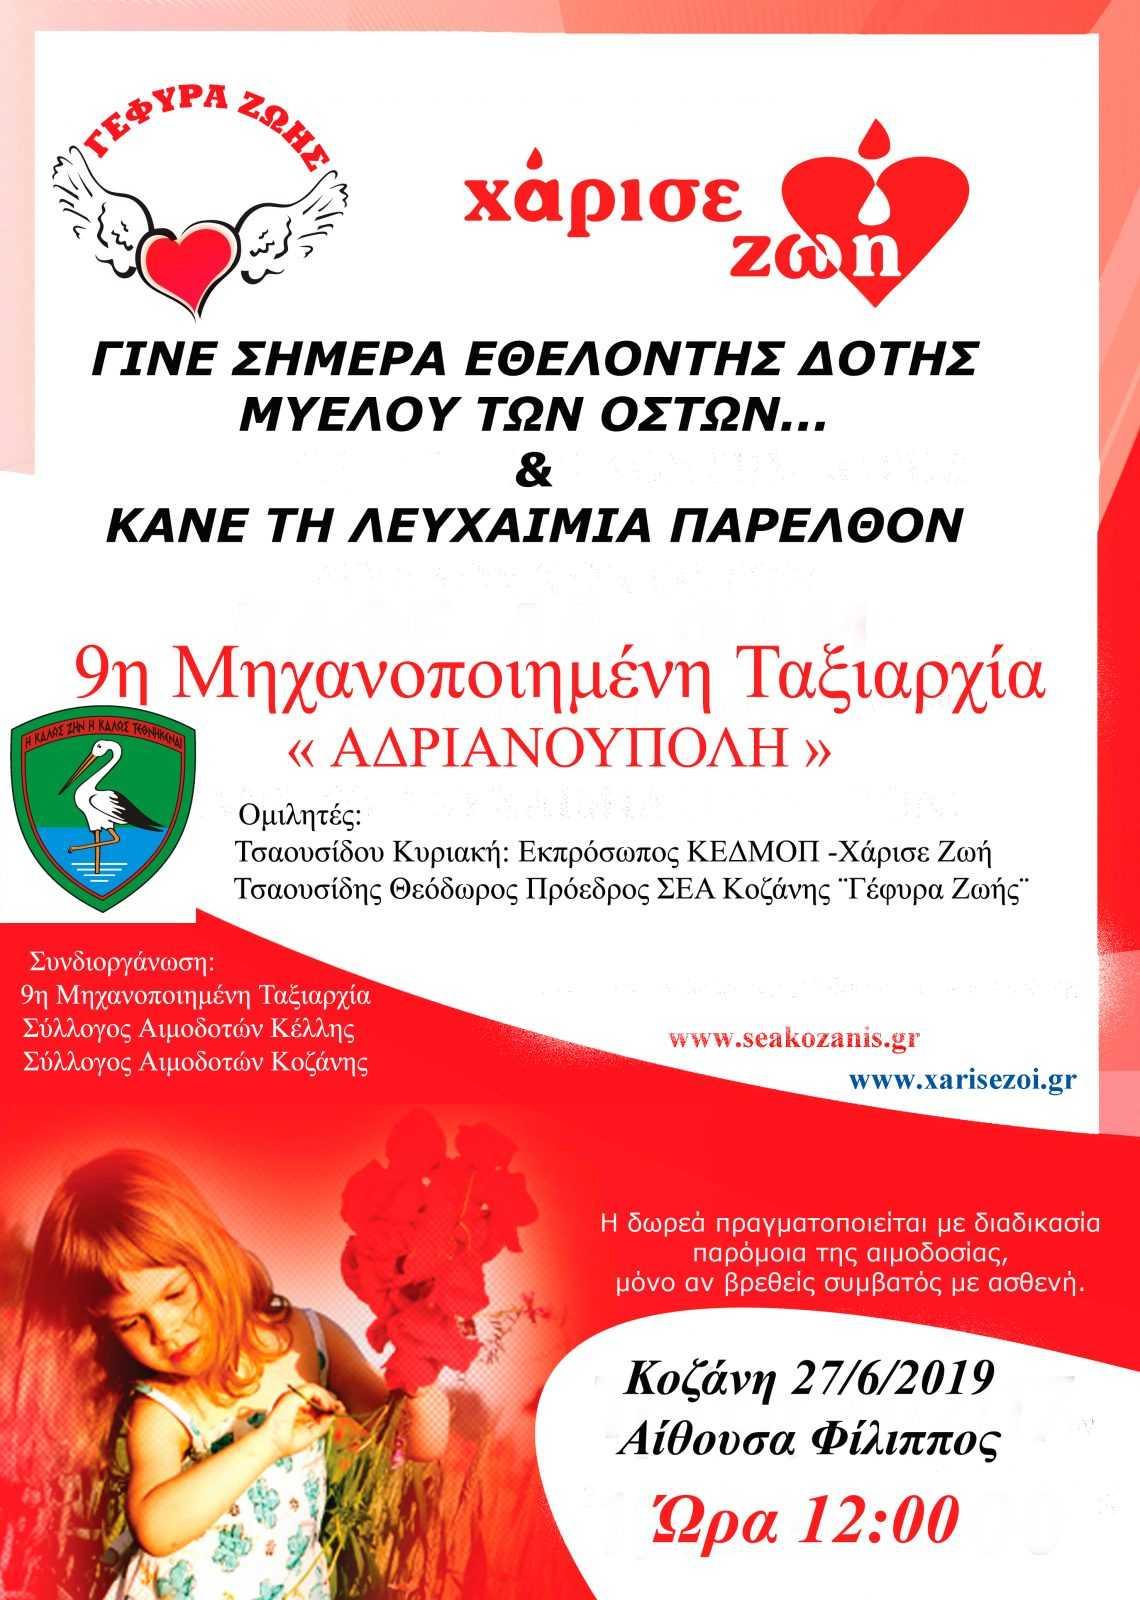 Εθελοντές Αιμοδότες Κοζάνης